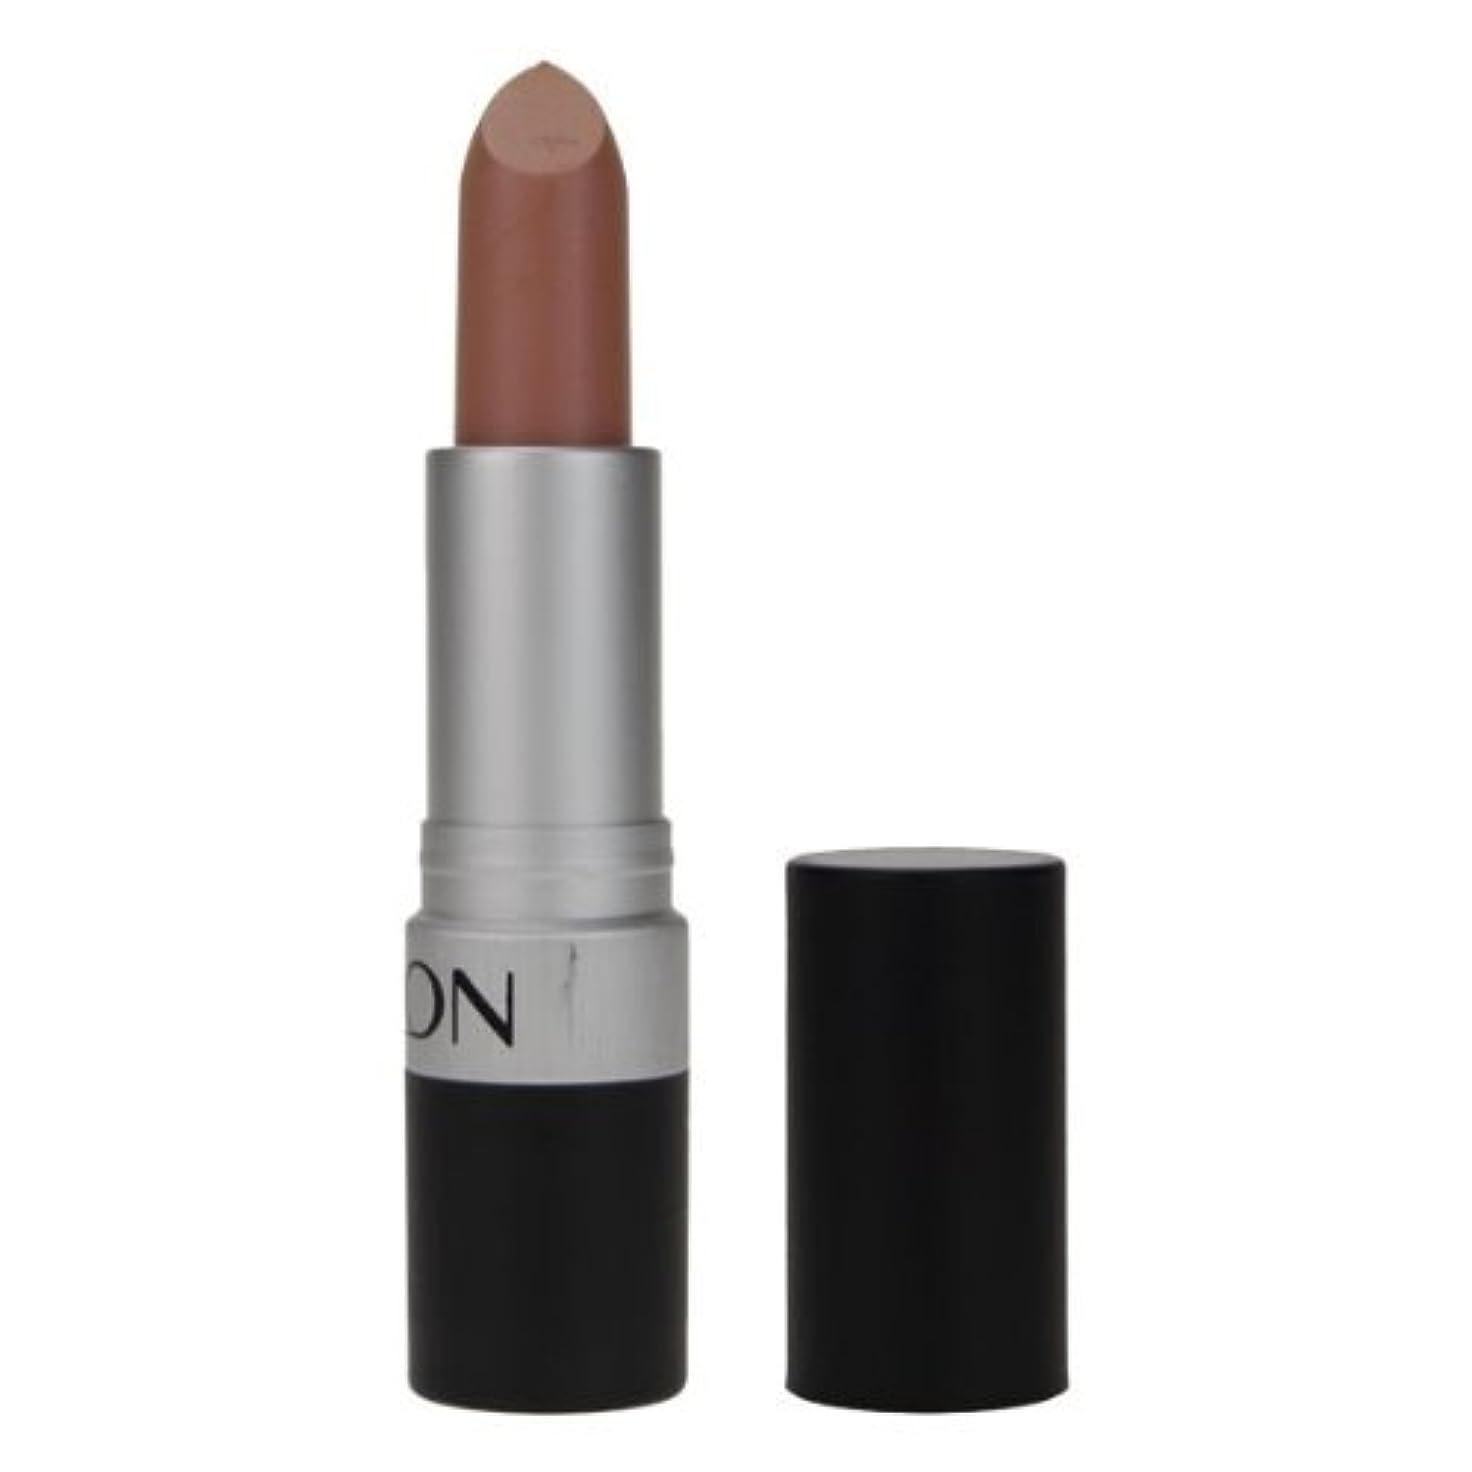 地質学ウェイトレス甘やかすREVLON Super Lustrous Lipstick Matte - Nude Attitude 001 (並行輸入品)